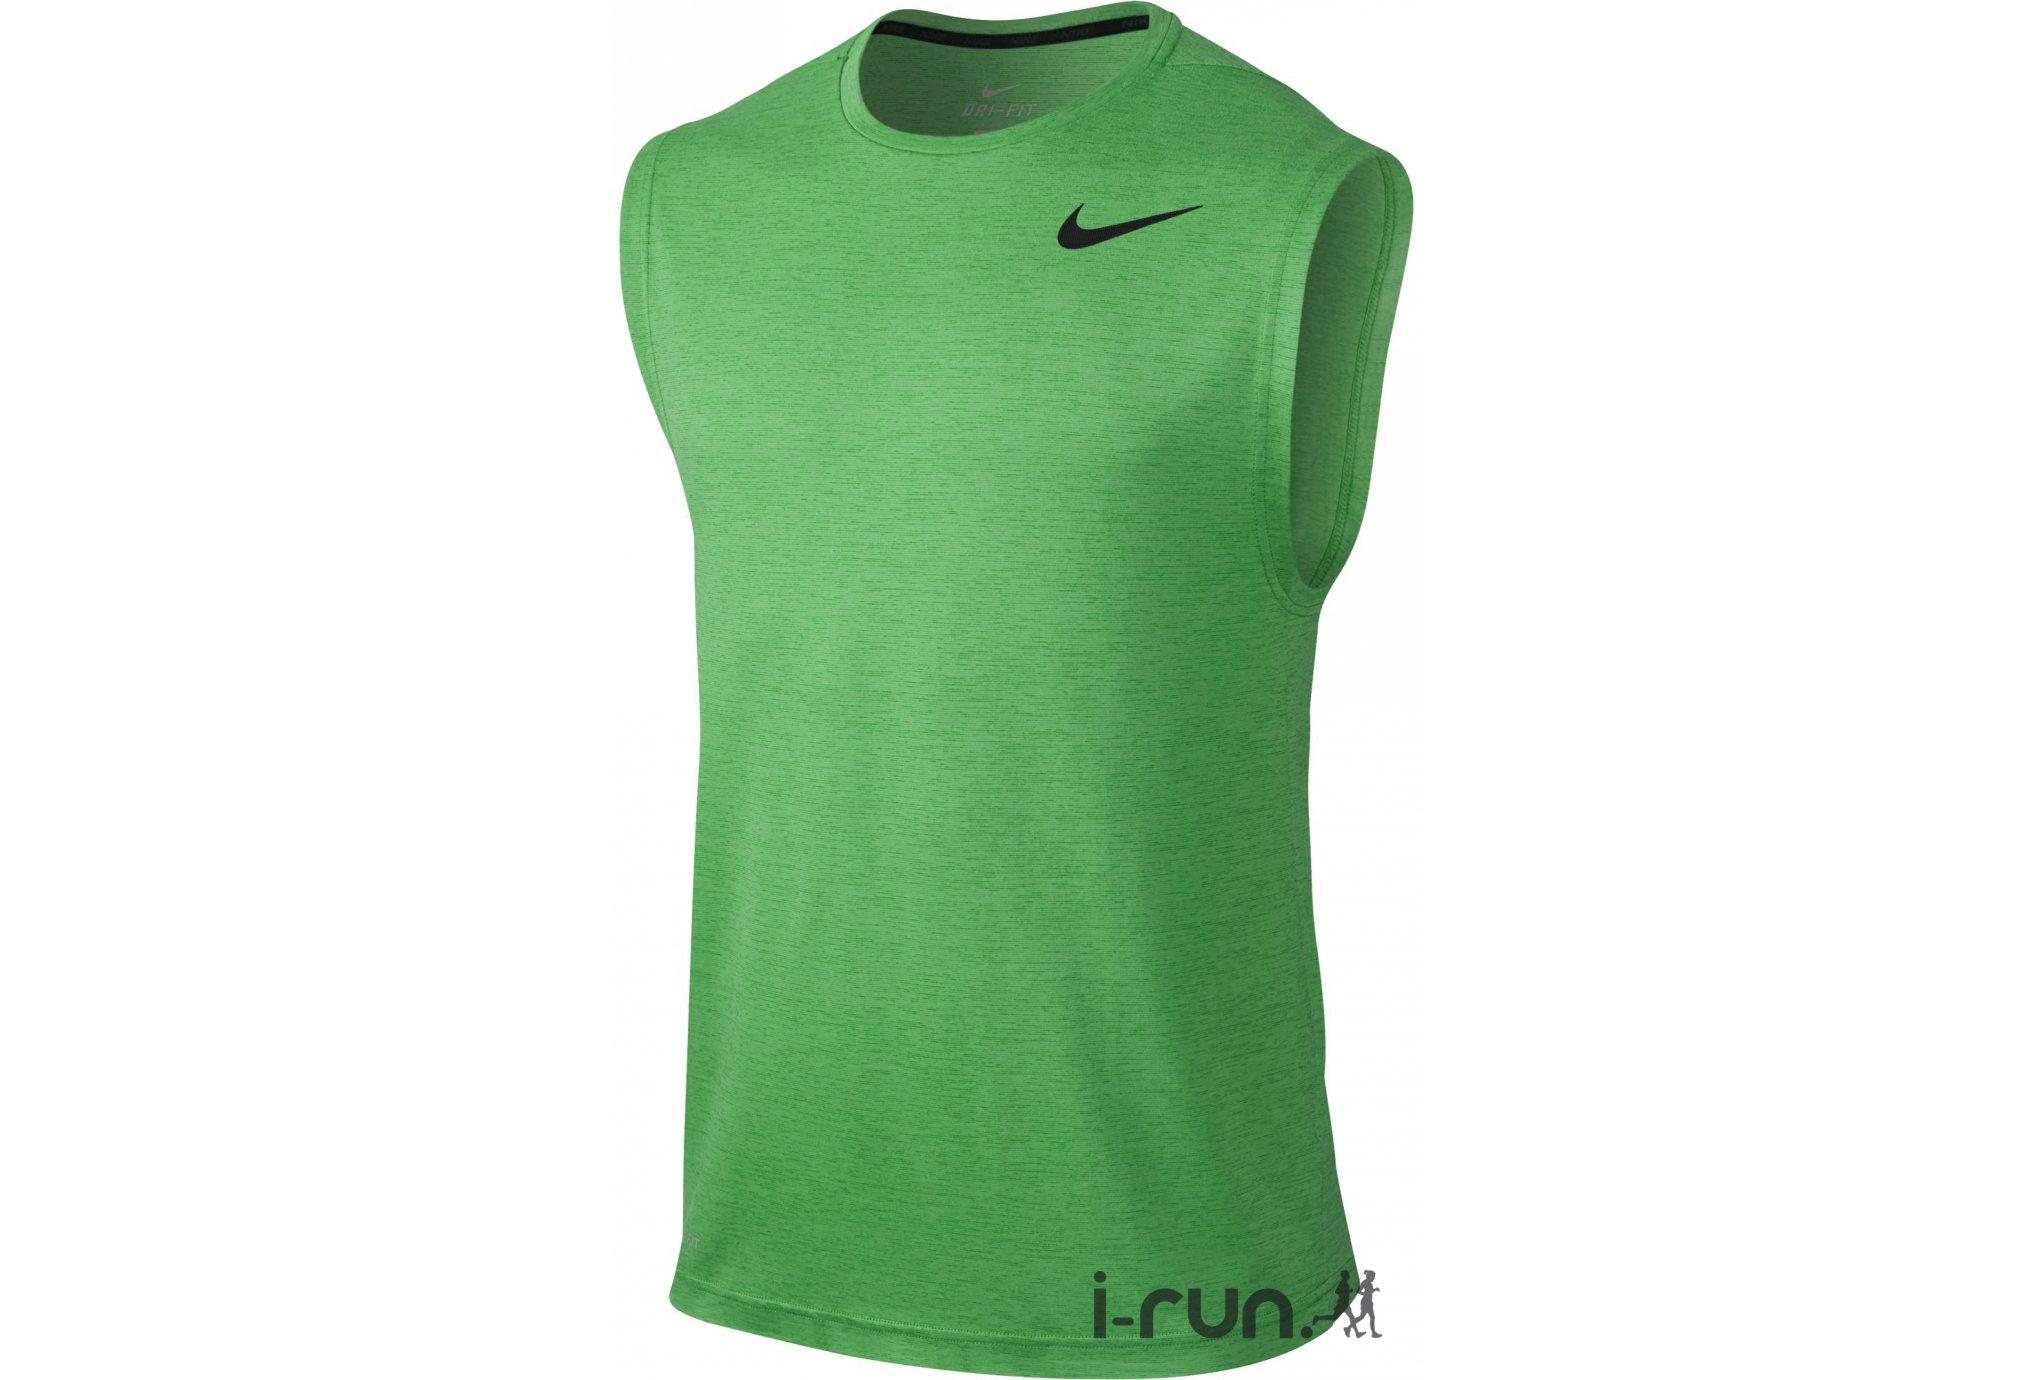 Nike Débardeur Dry Training M Diététique Vêtements homme